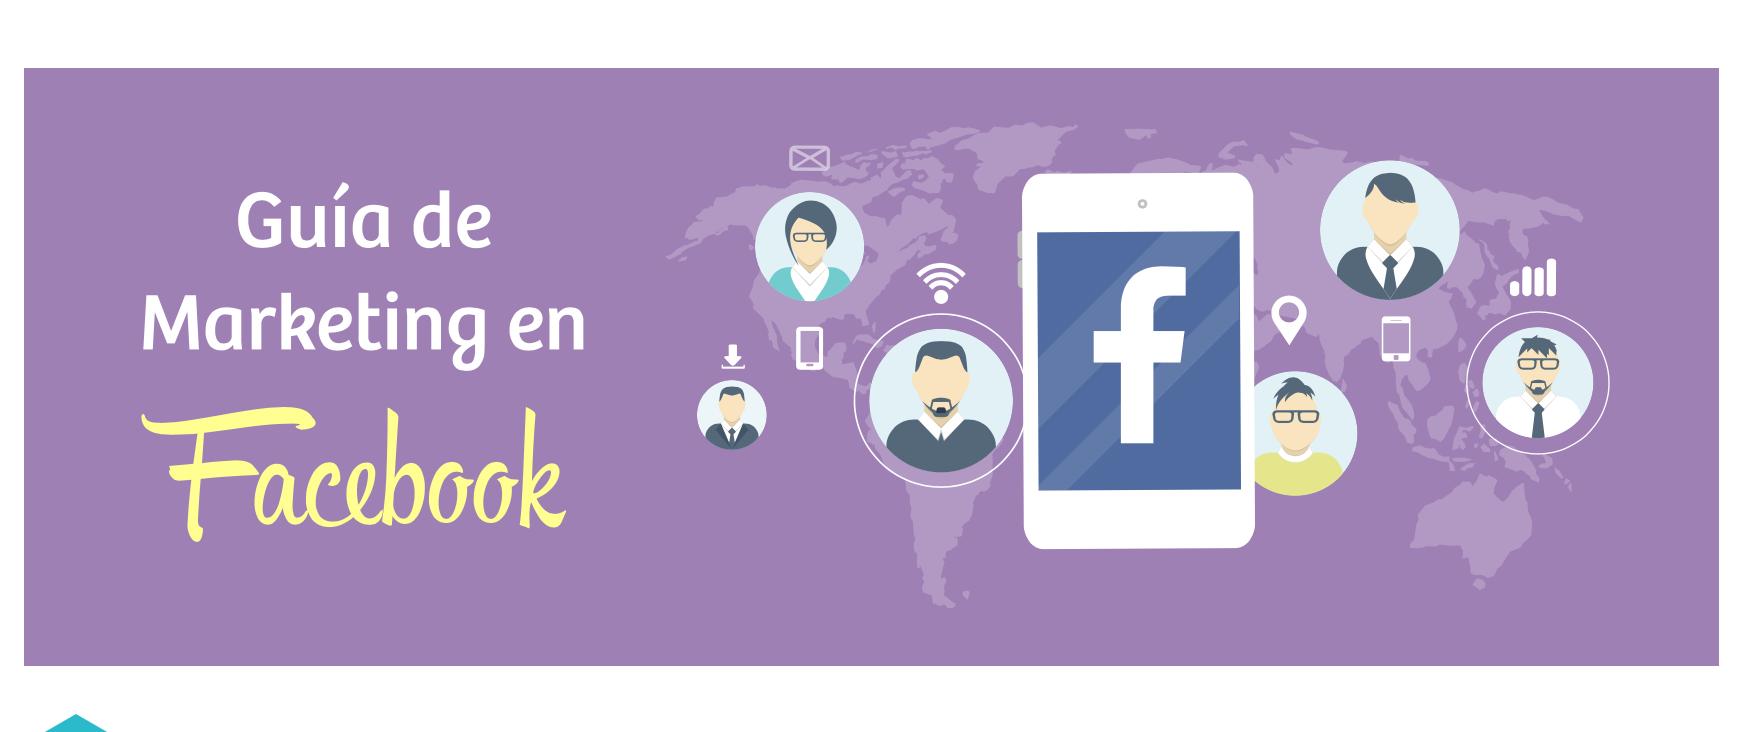 Guía de Facebook 2017: Marketing y Estrategia para empresas(Aula CM)